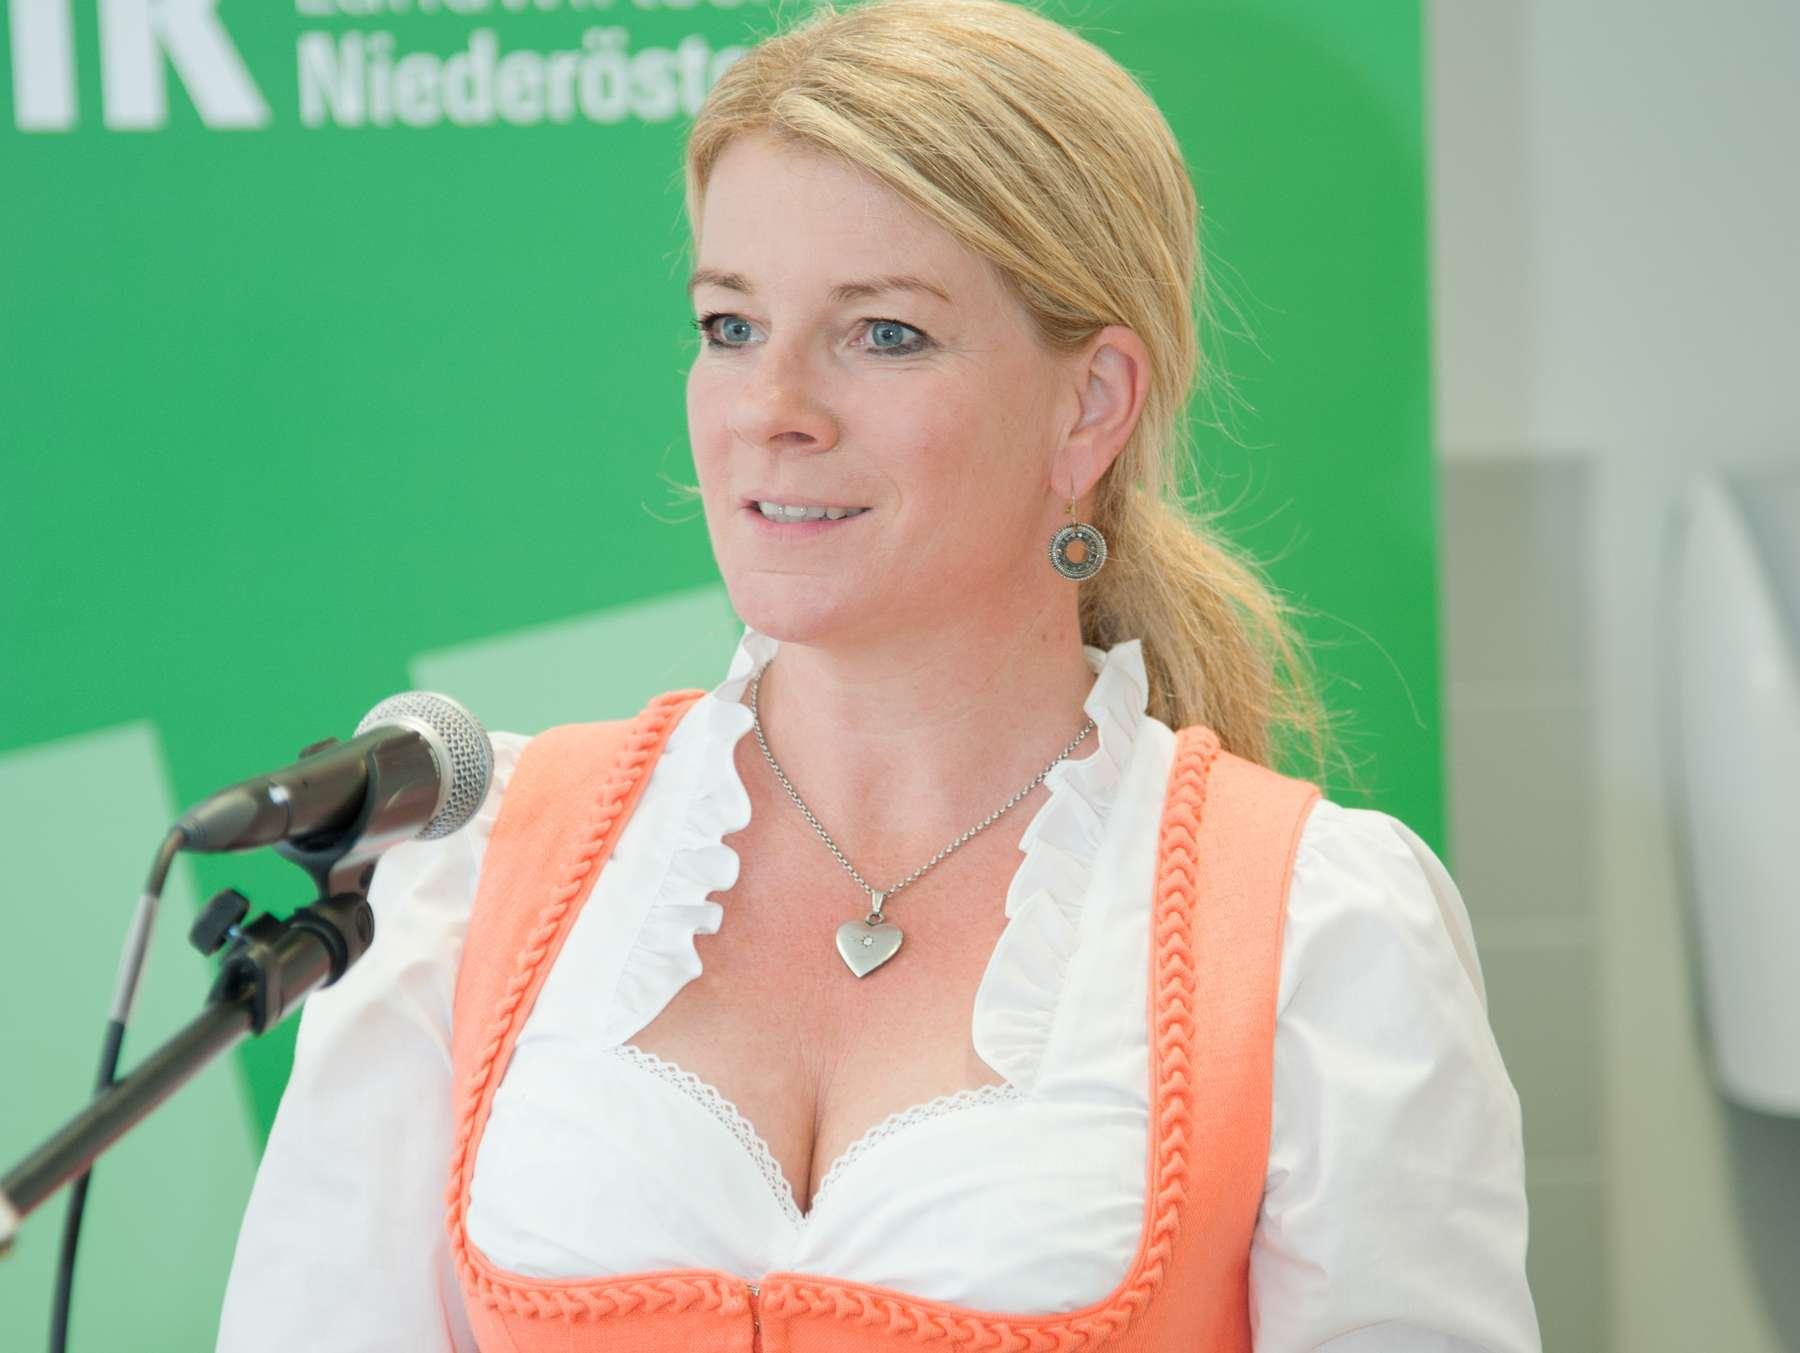 Frauen in Hartberg-Frstenfeld - Thema auf dbminer.net